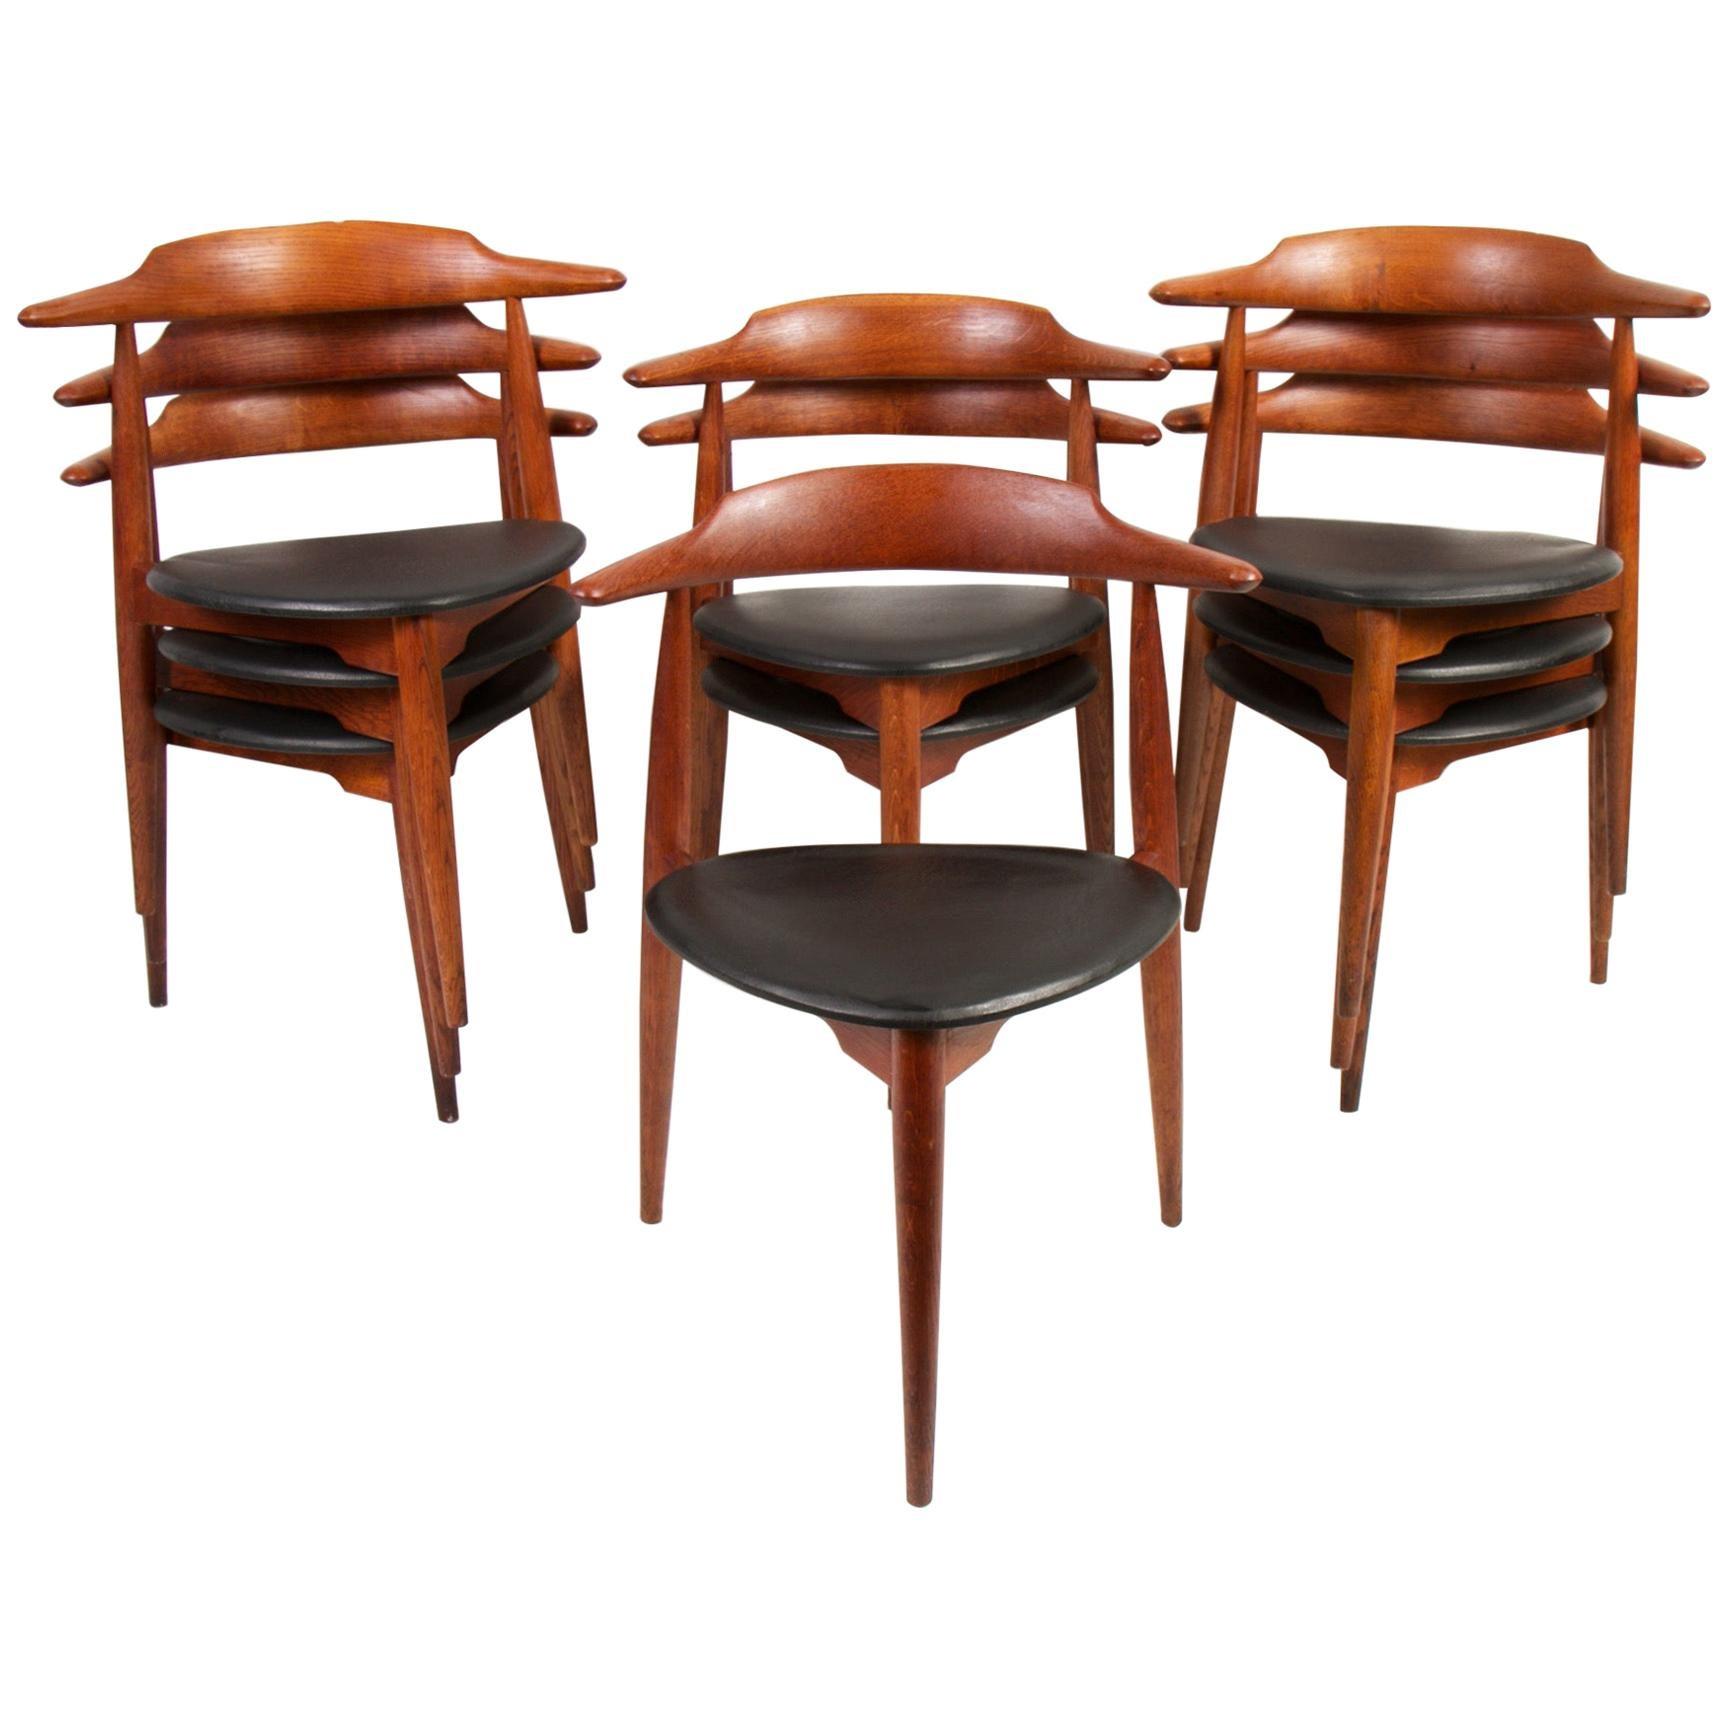 Set of 9 Hans Wegner Stacking Chairs for Fritz Hansen Model 4104